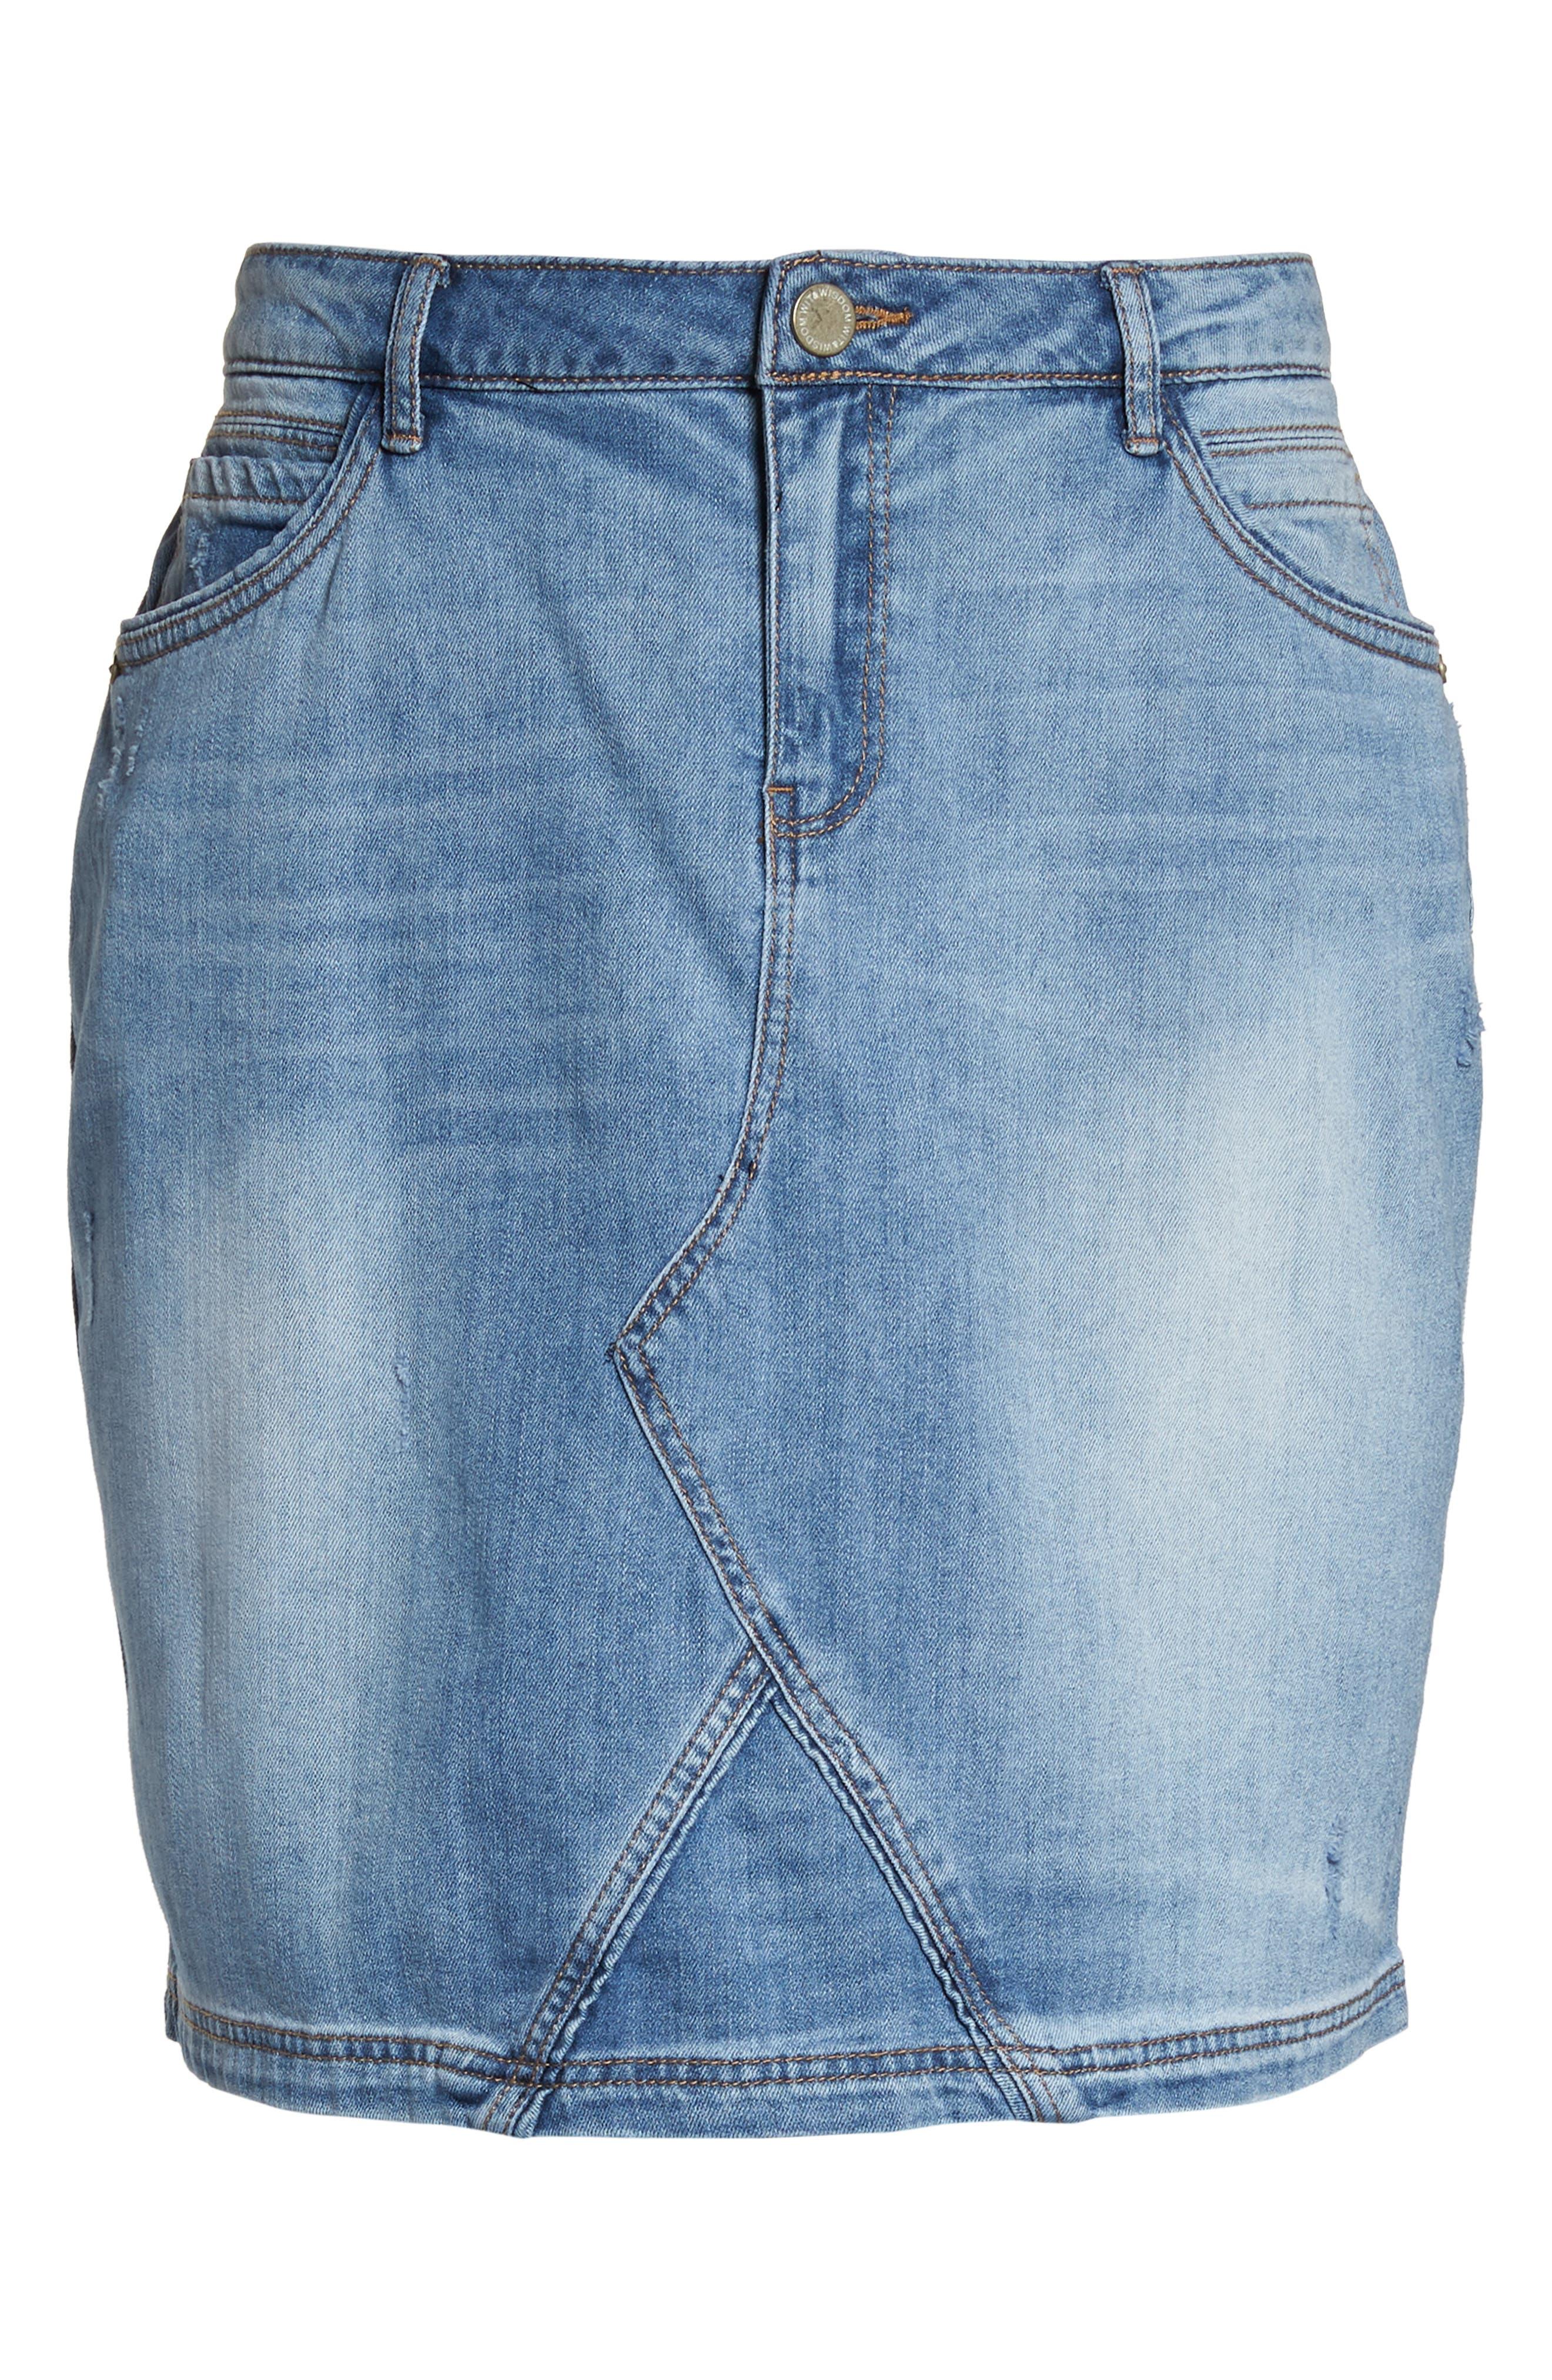 Denim A-Line Skirt,                             Alternate thumbnail 7, color,                             Light Blue